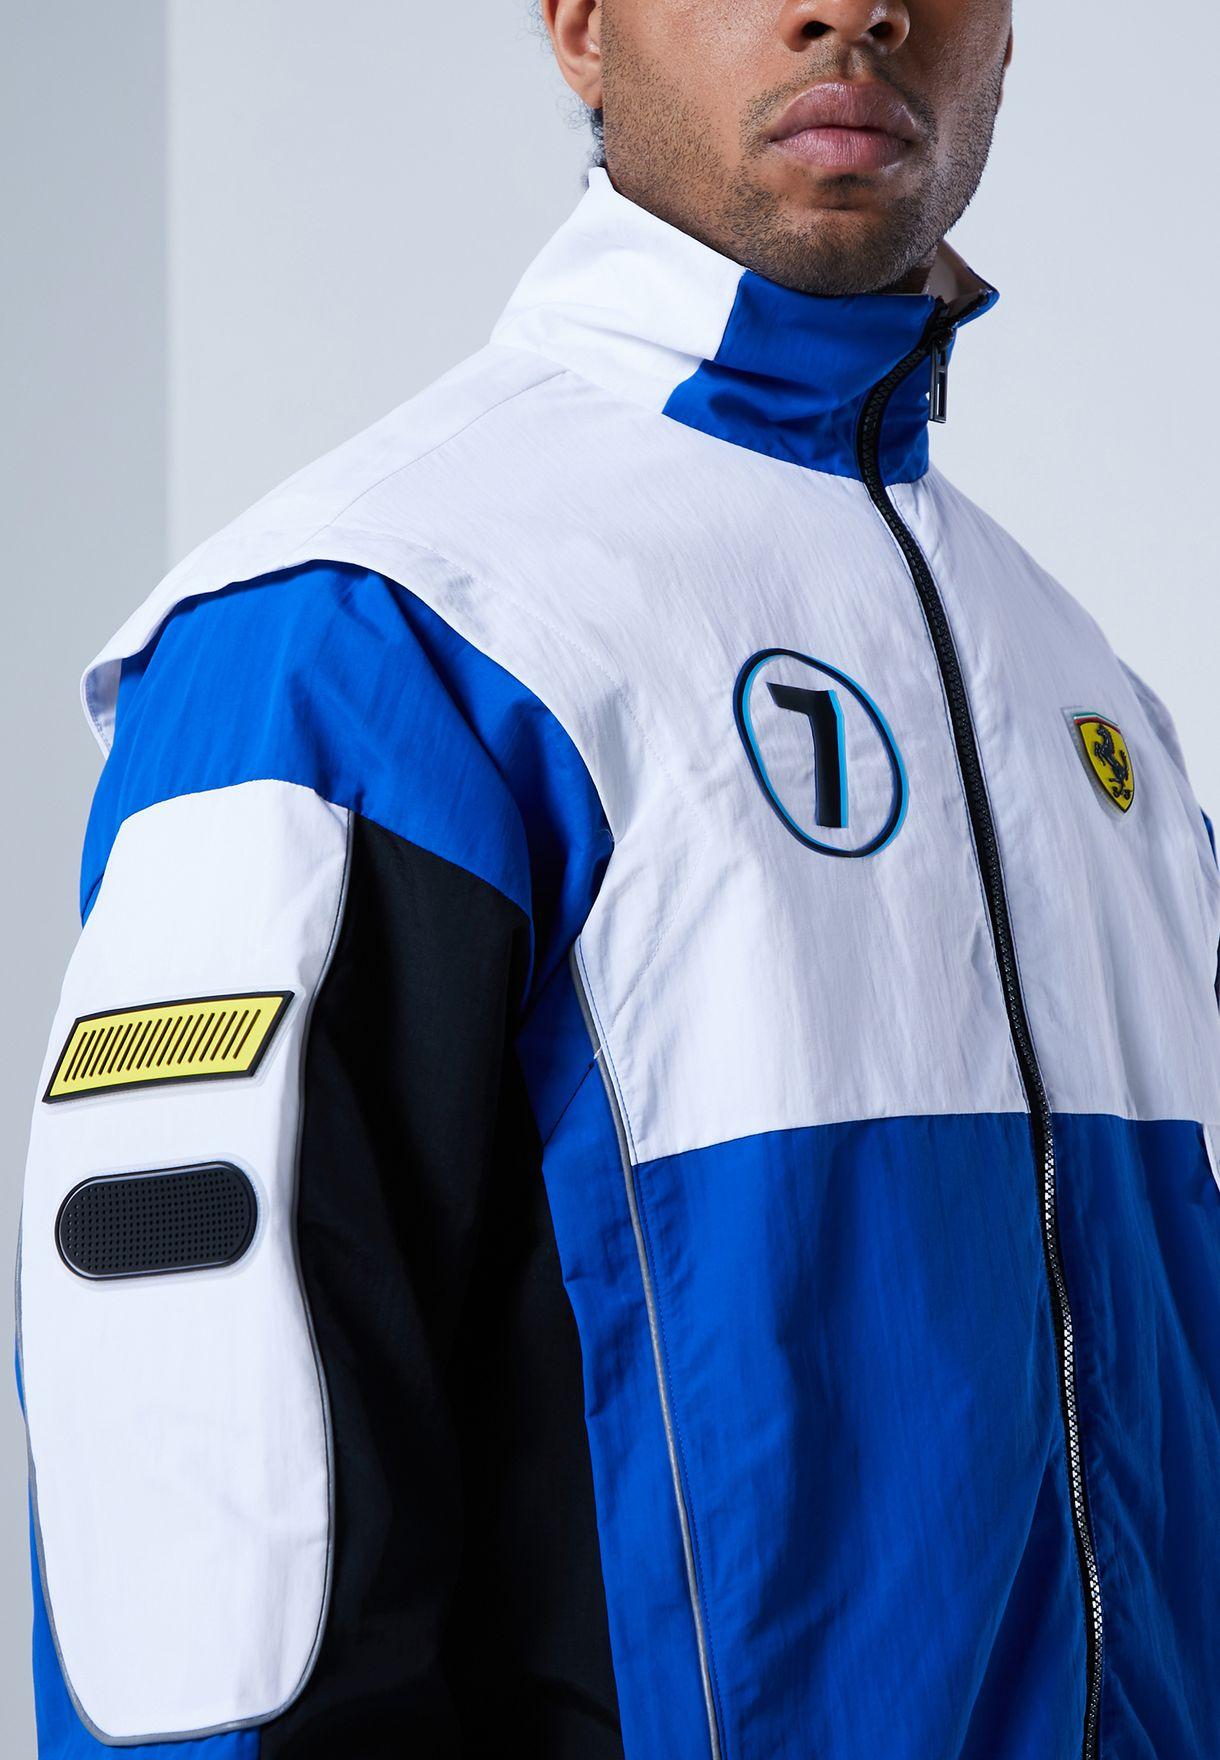 Buy Puma Blue Ferrari Race Street Woven Jacket For Men In Mena Worldwide 59793902